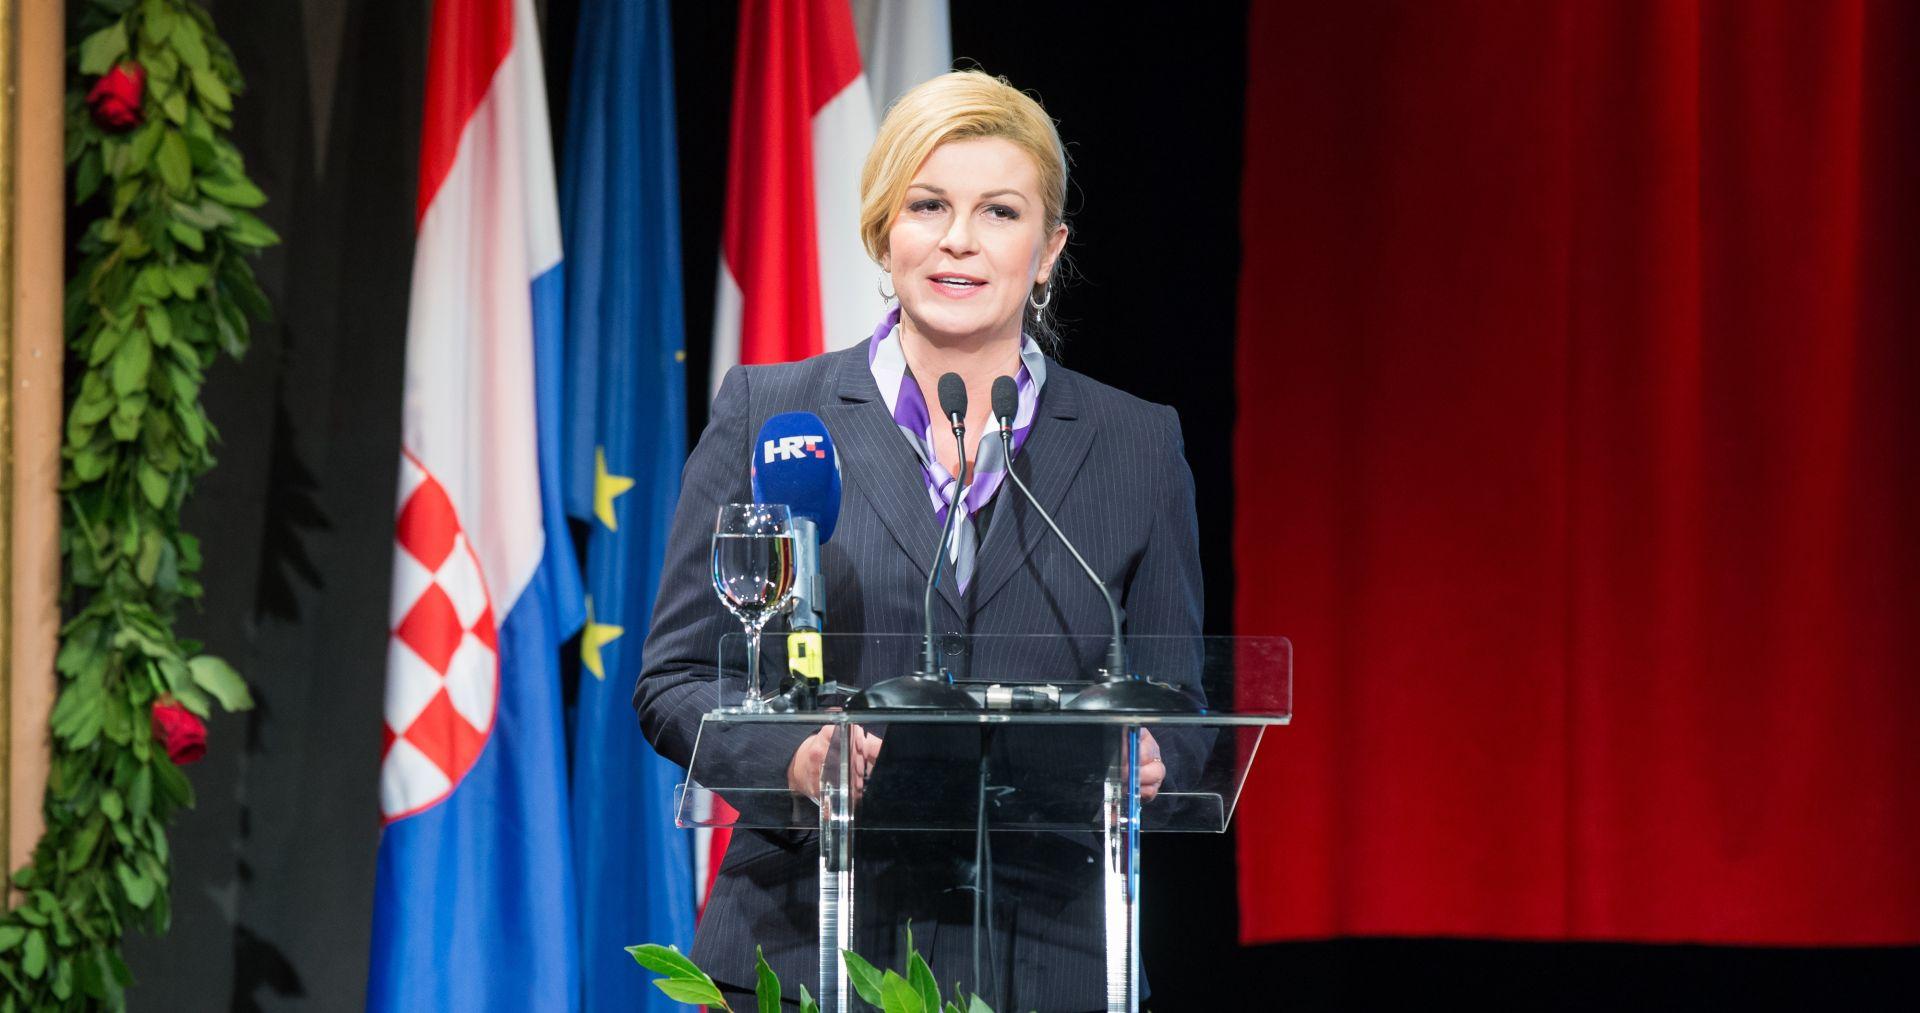 Grabar Kitarović: Međunarodna zajednica je otvorila oči tek na razaranja Vukovara i Dubrovnika